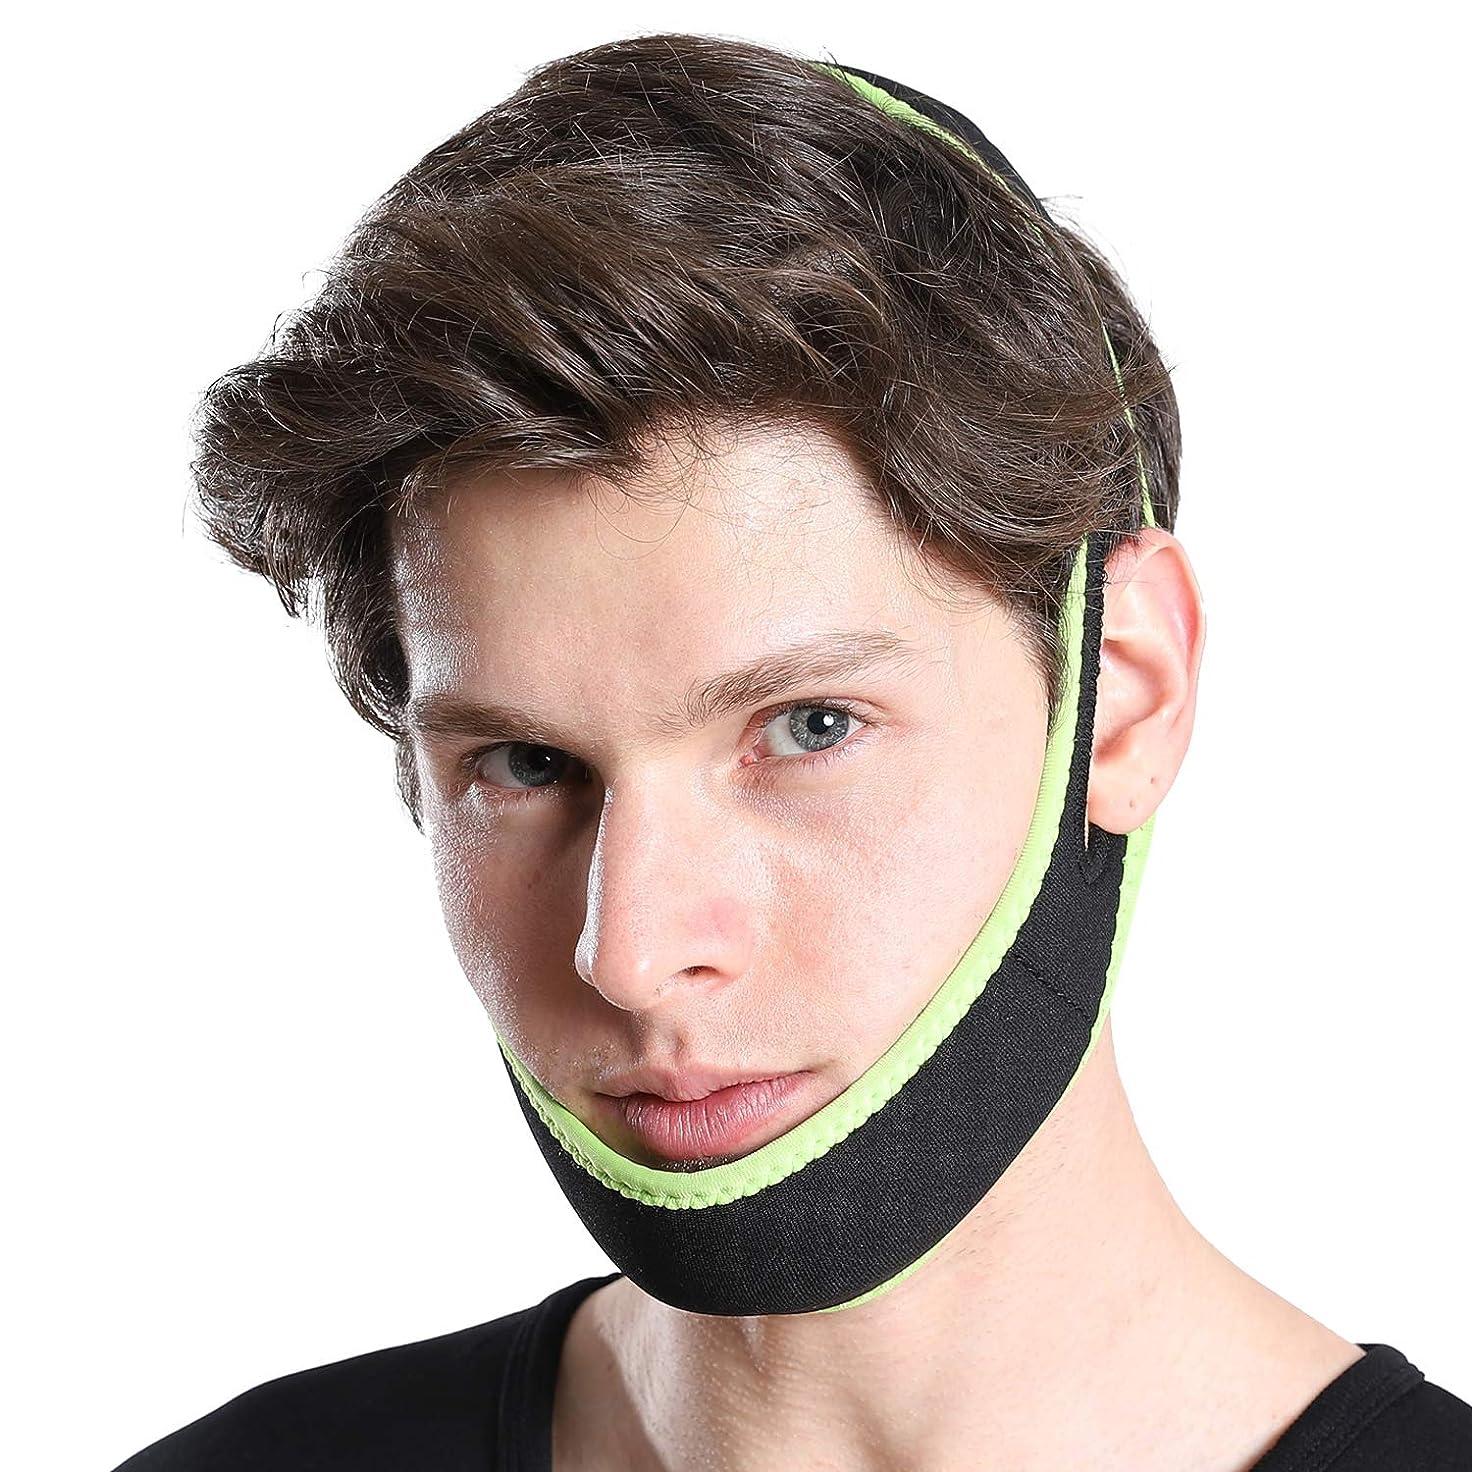 クマノミ反発平和なELPIRKA 小顔マスク メンズ ゲルマニウムチタン 配合で 顔痩せ 小顔 リフトアップ!